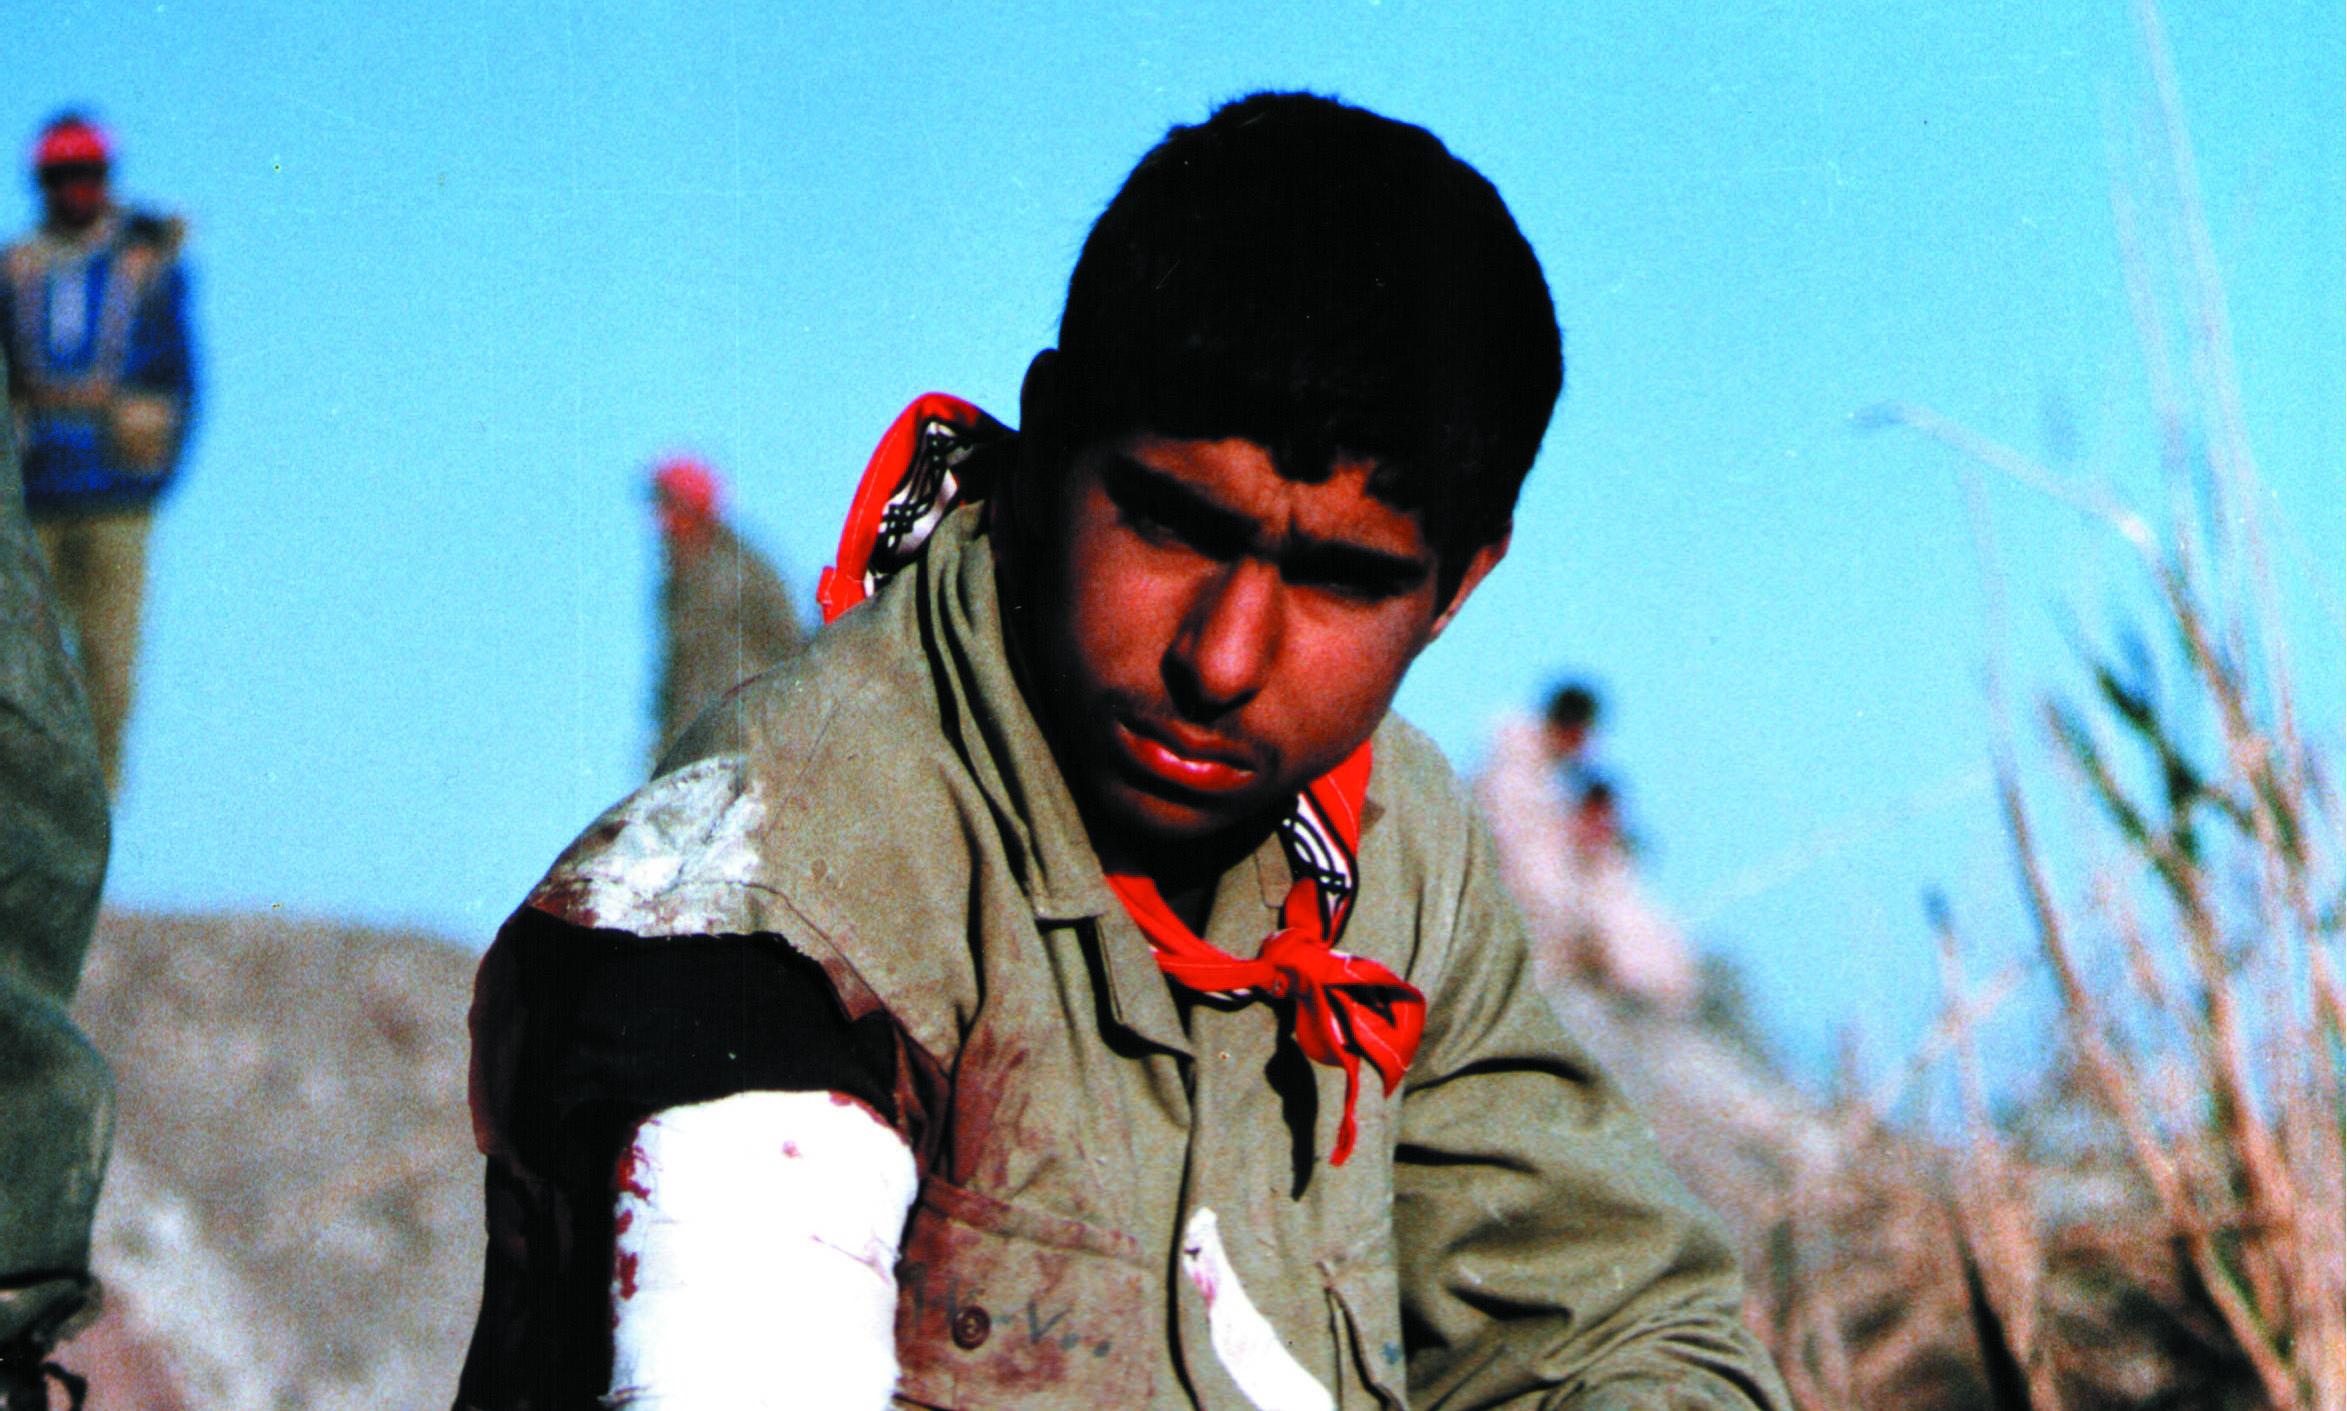 شکنجه یک دانشآموز بخاطر نوشتن انشای انقلابی